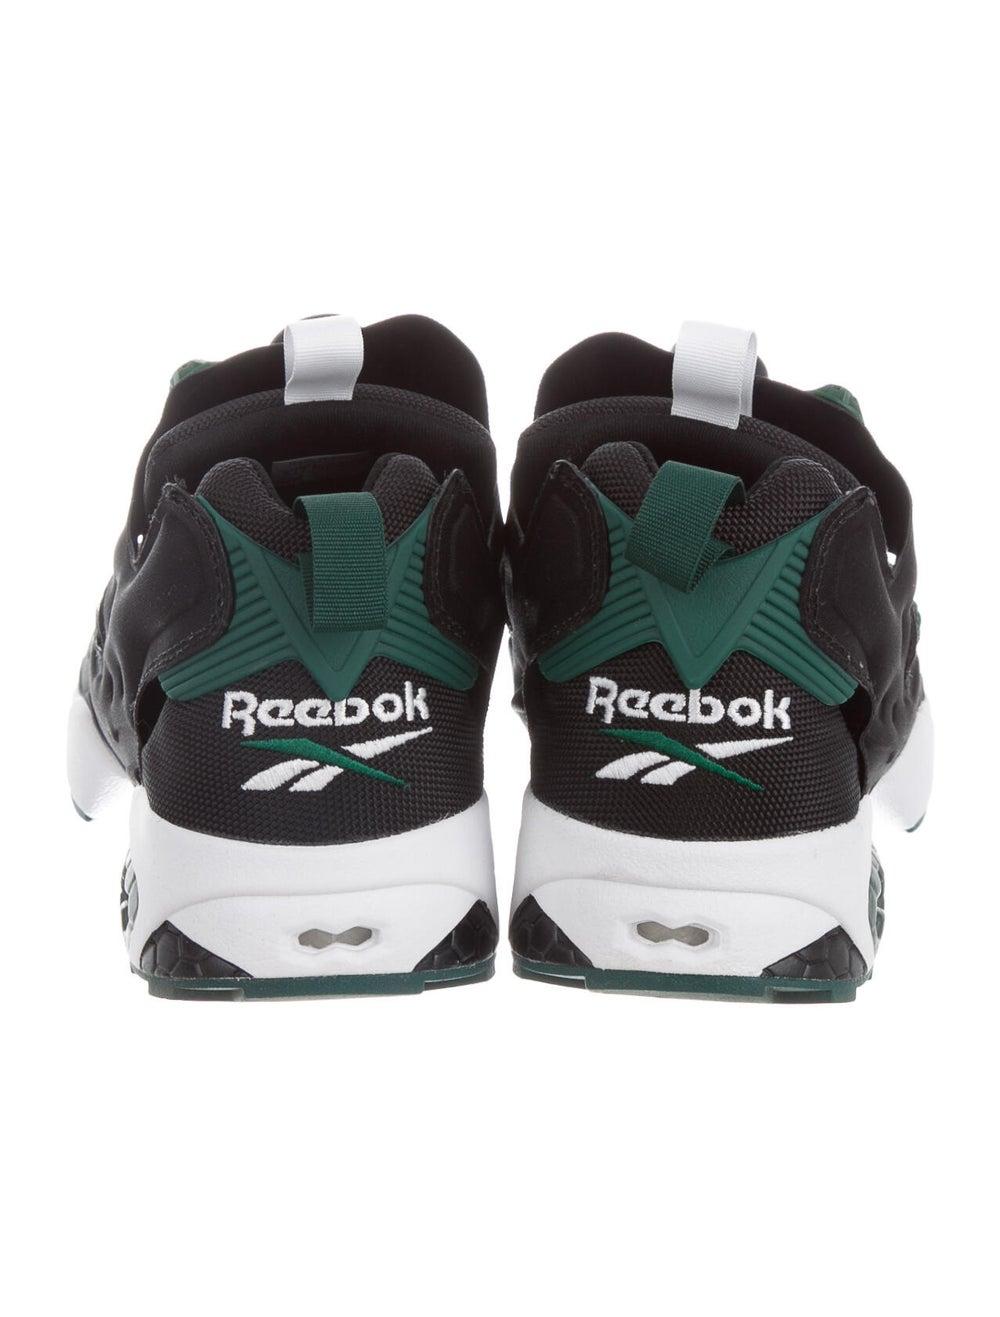 Reebok InstaPump Fury OG MU Sneakers Black - image 4